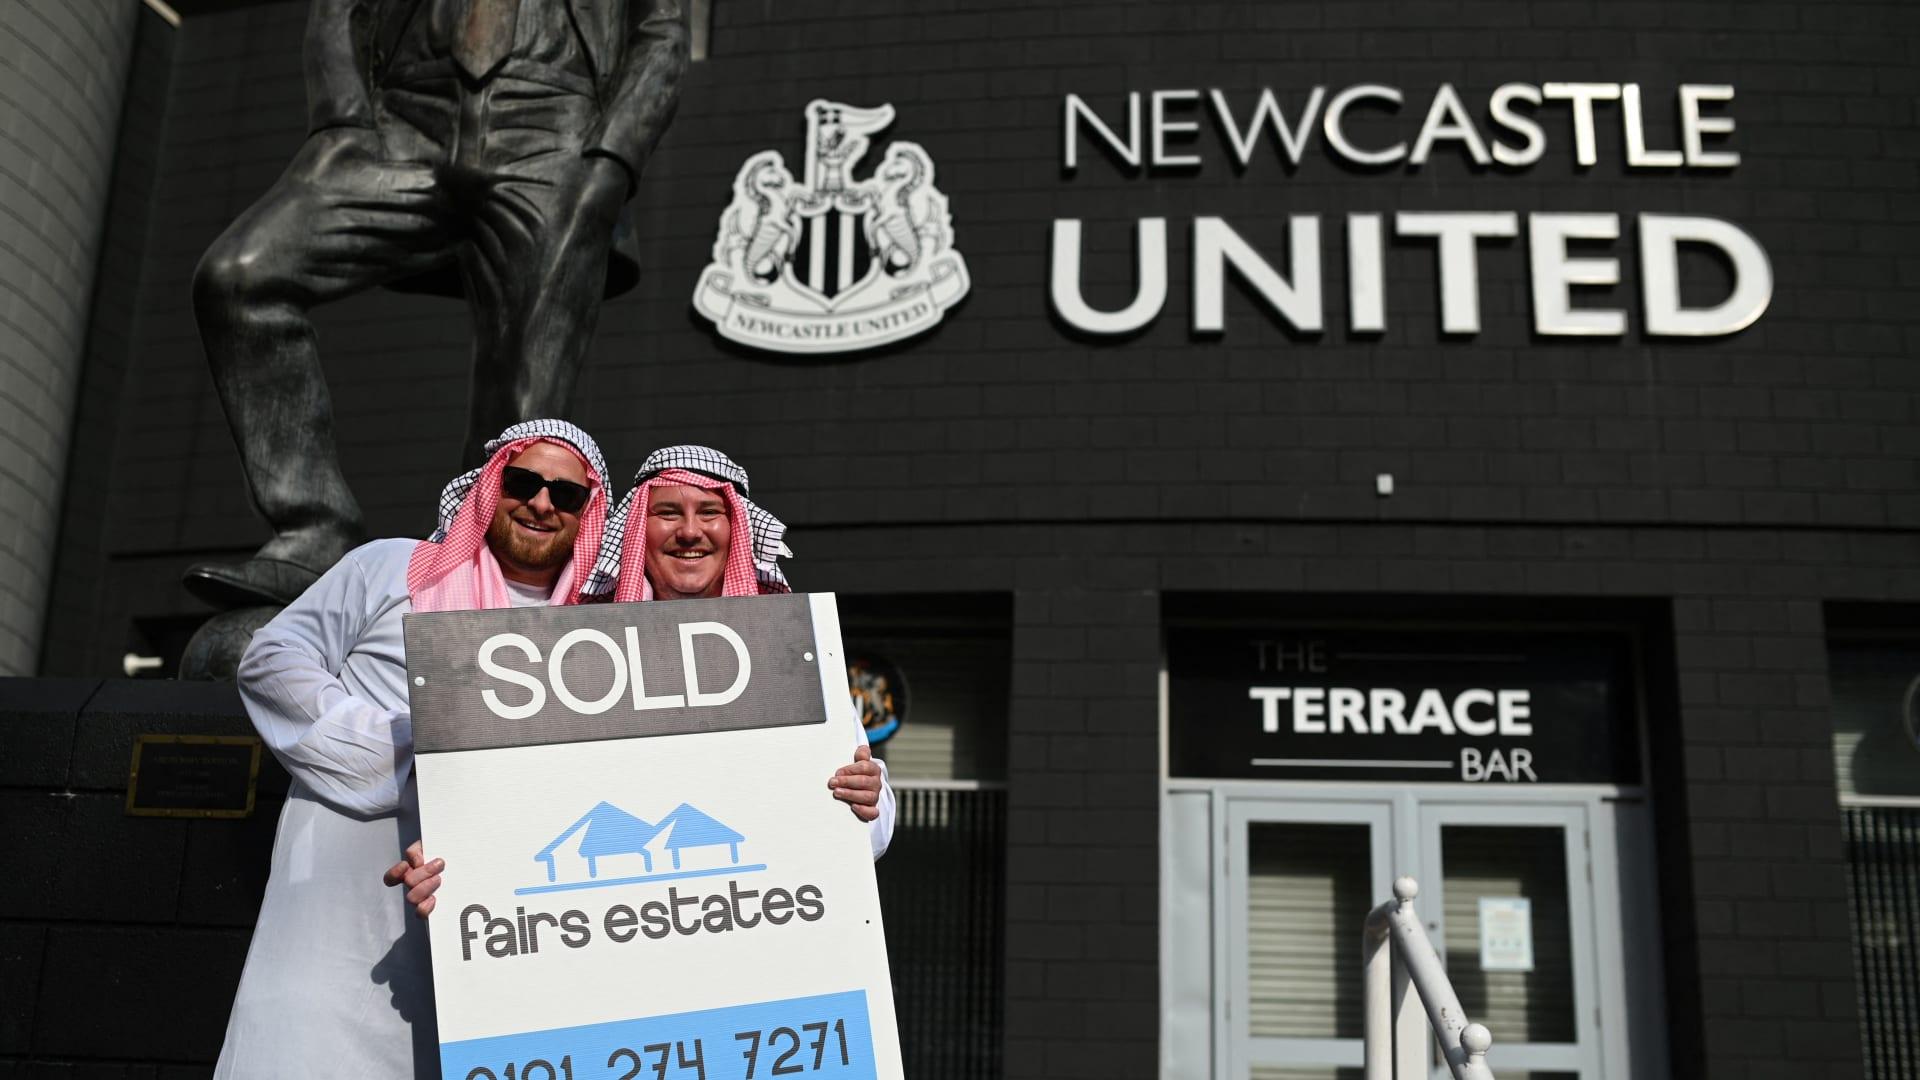 مشجعان لنادي نيوكاسل يونايتد يرتديان ملابس عربية، في 8 أكتوبر 2021